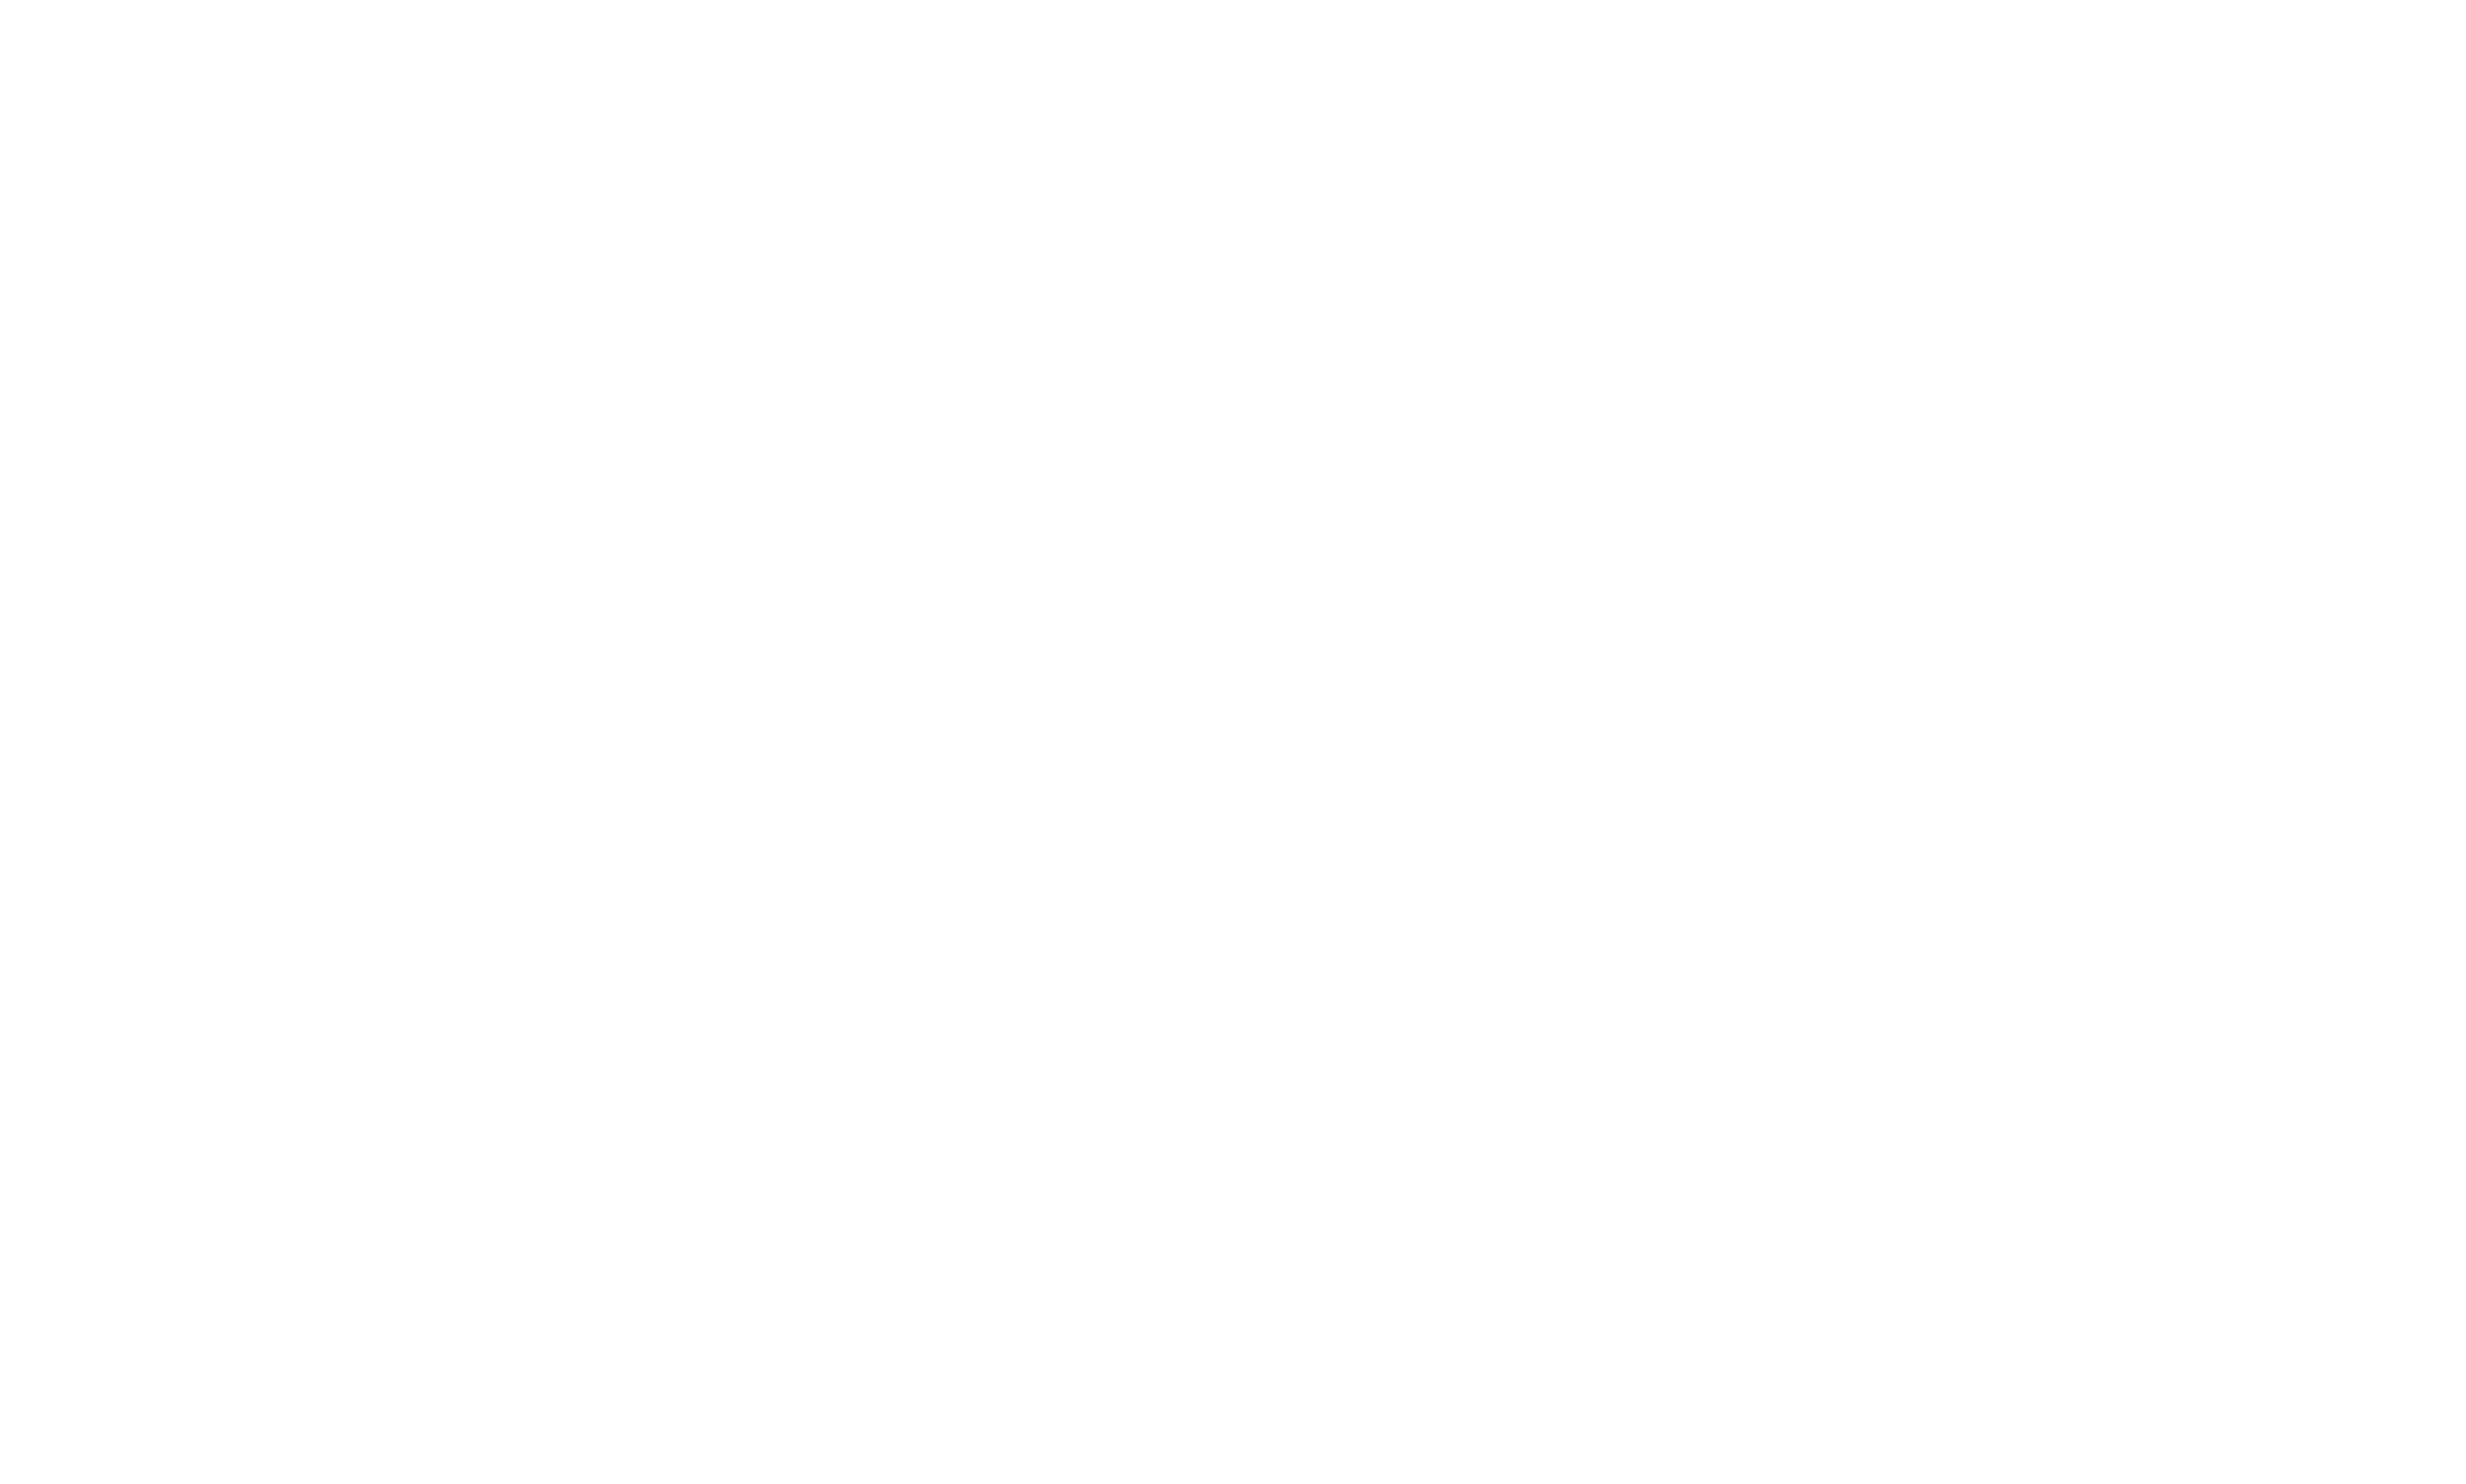 C27_LOGO-white